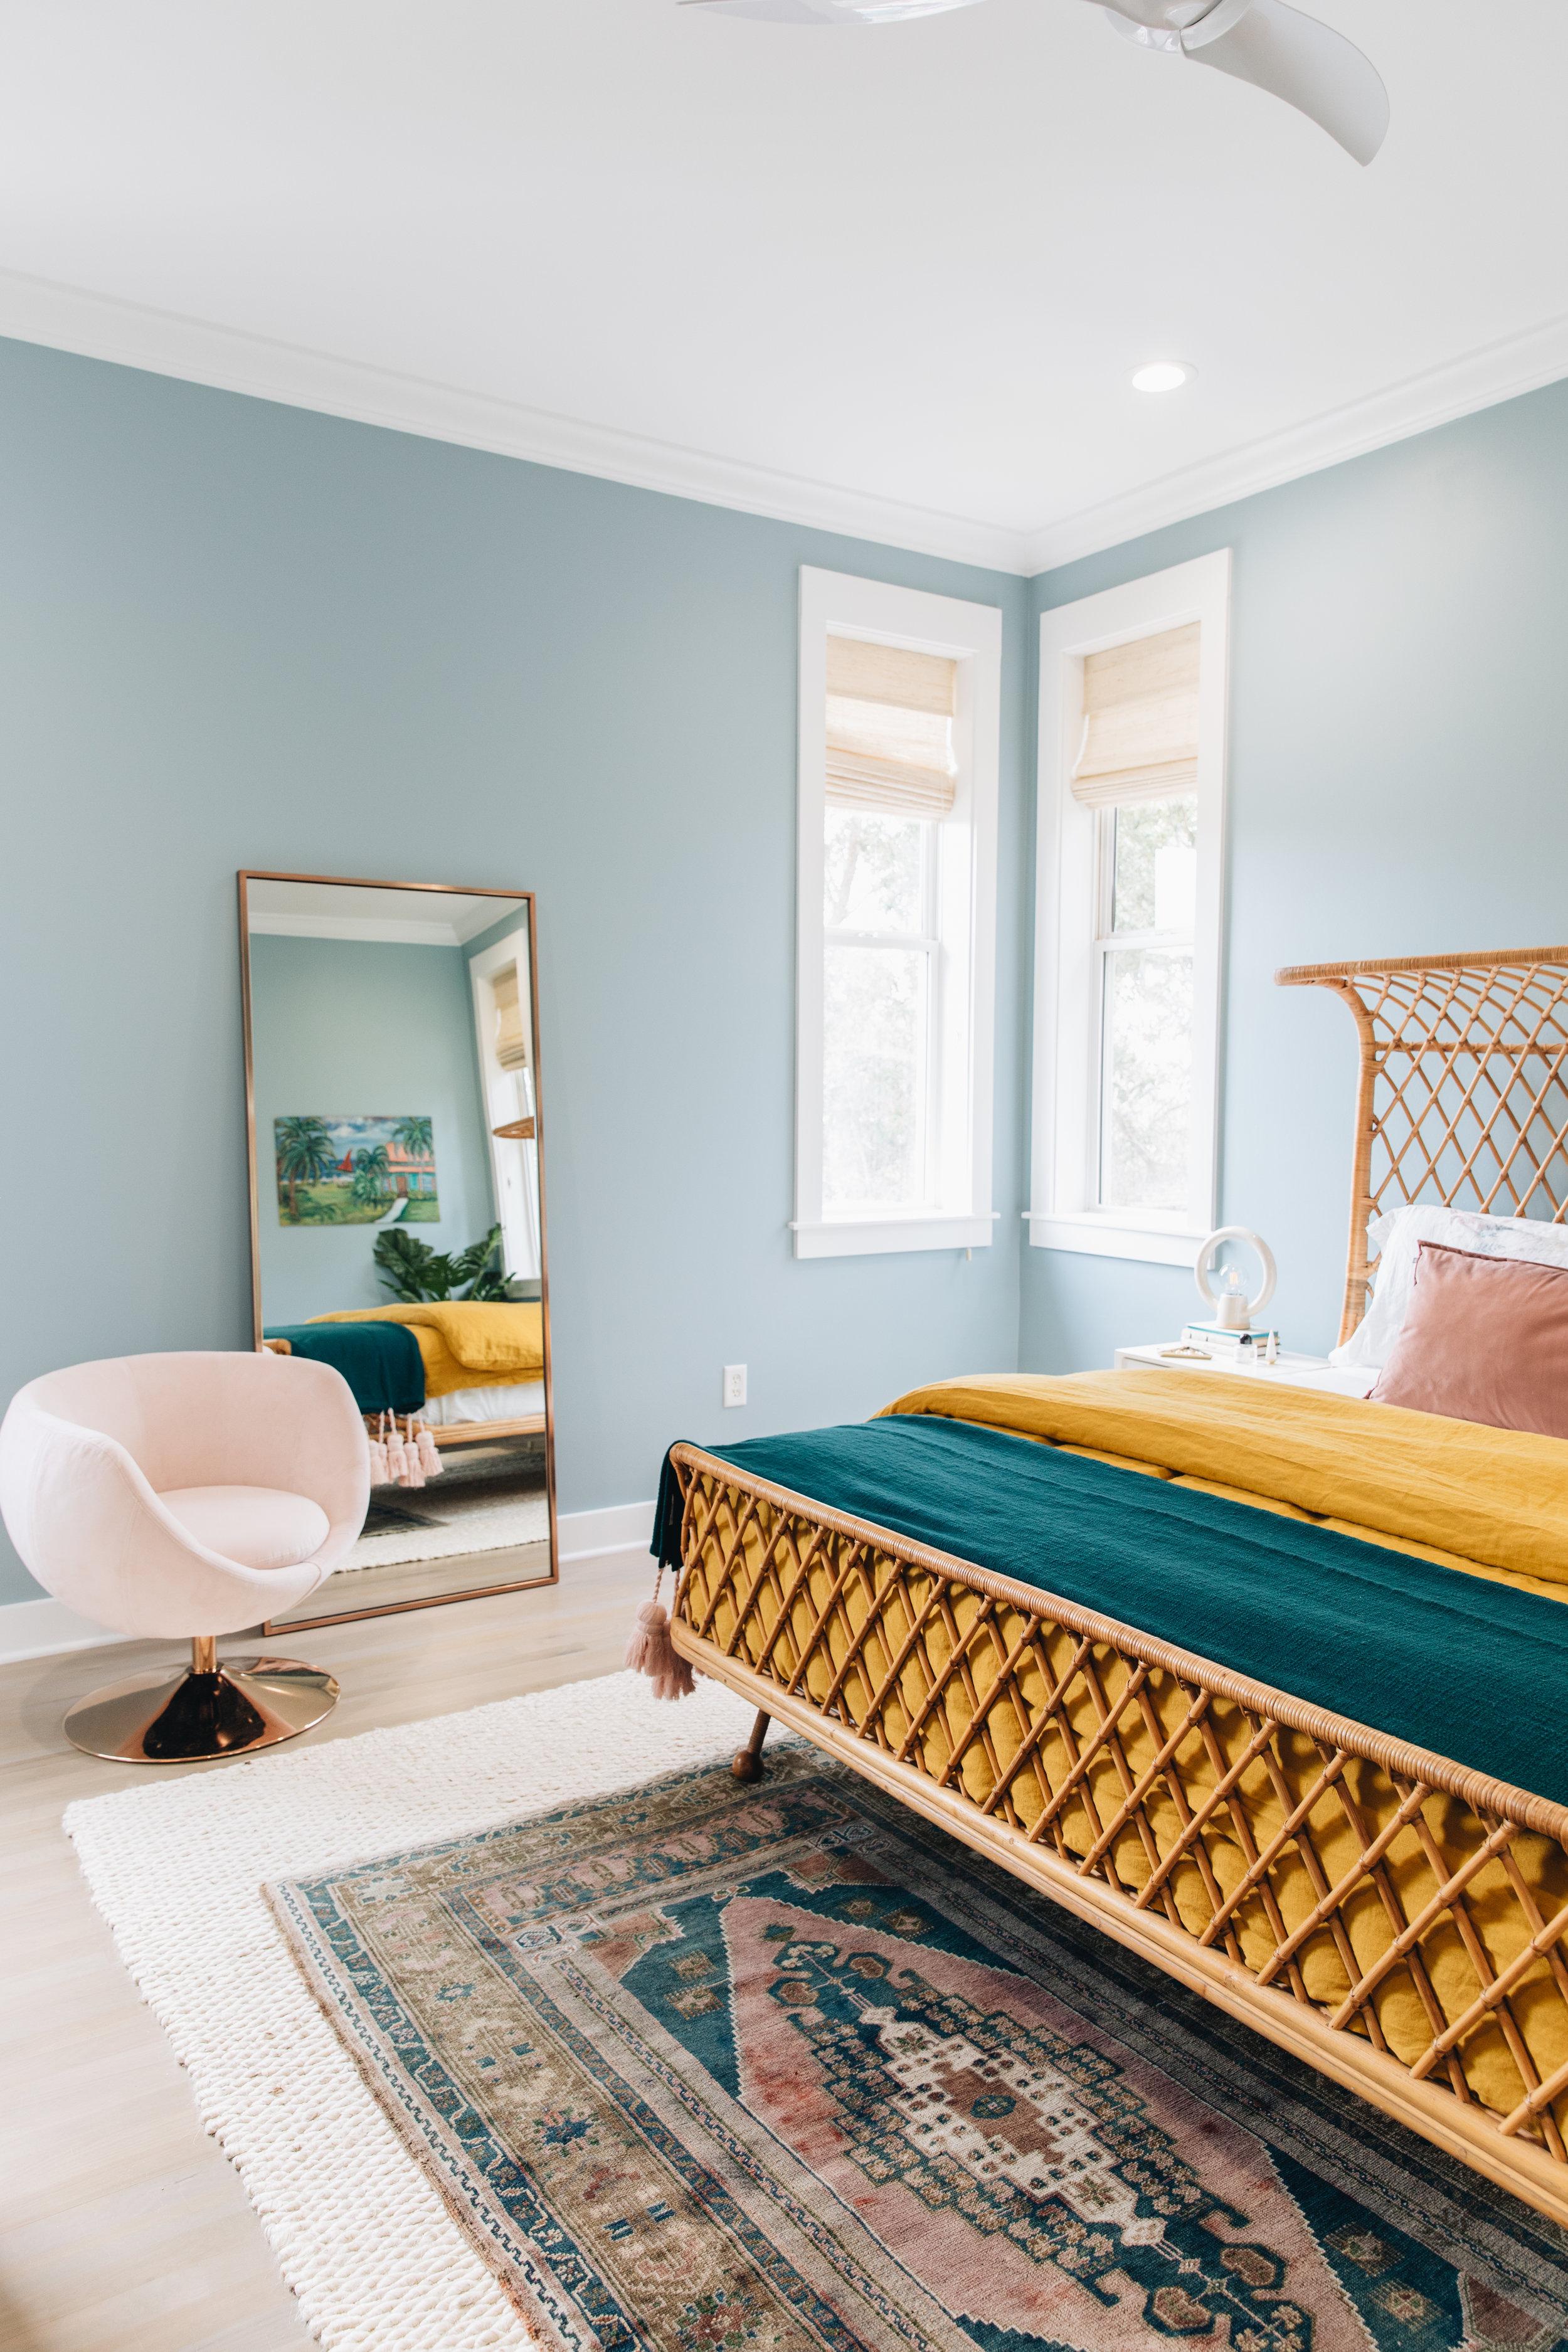 Rattan Bed    Linen Duvet    Velvet Body Pillow    Floor Mirror    Pink Chair    White Jute Rug